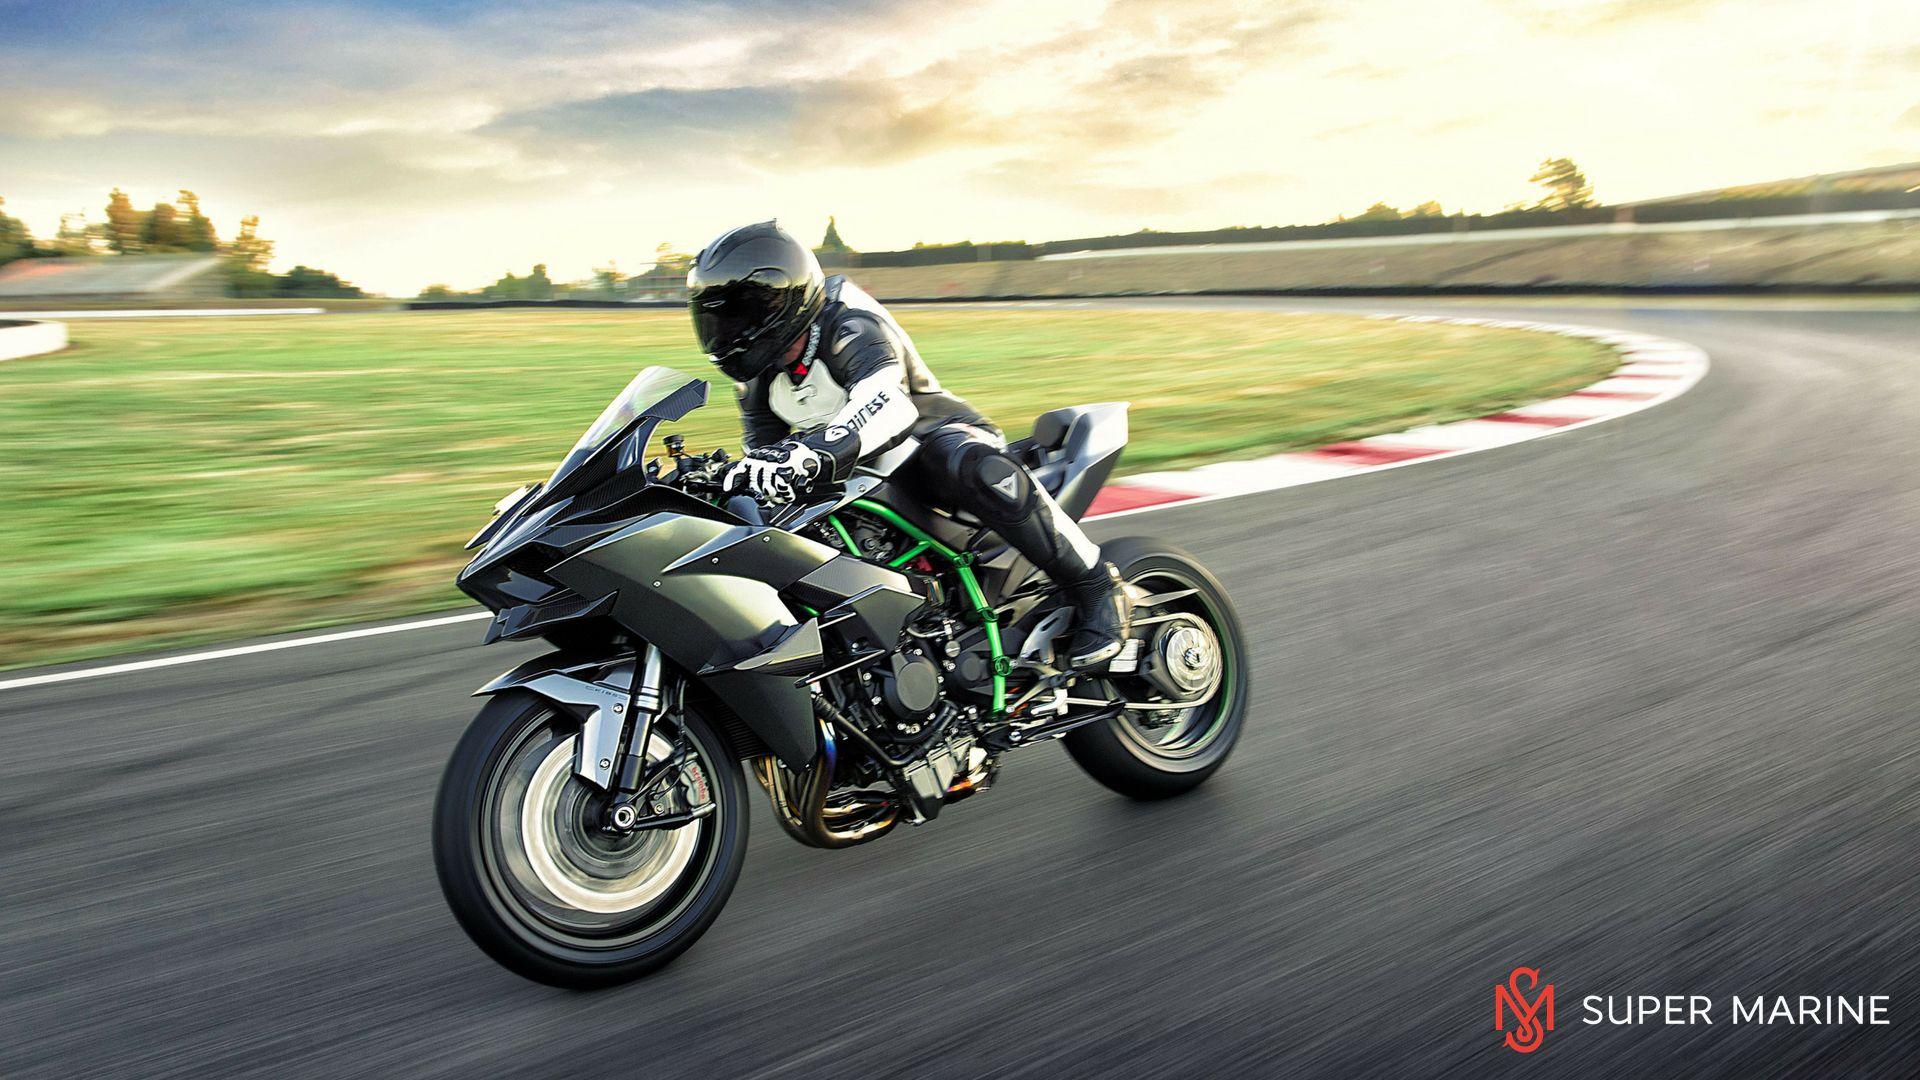 Мотоцикл Kawasaki Ninja H2R Серый 2020 - 11